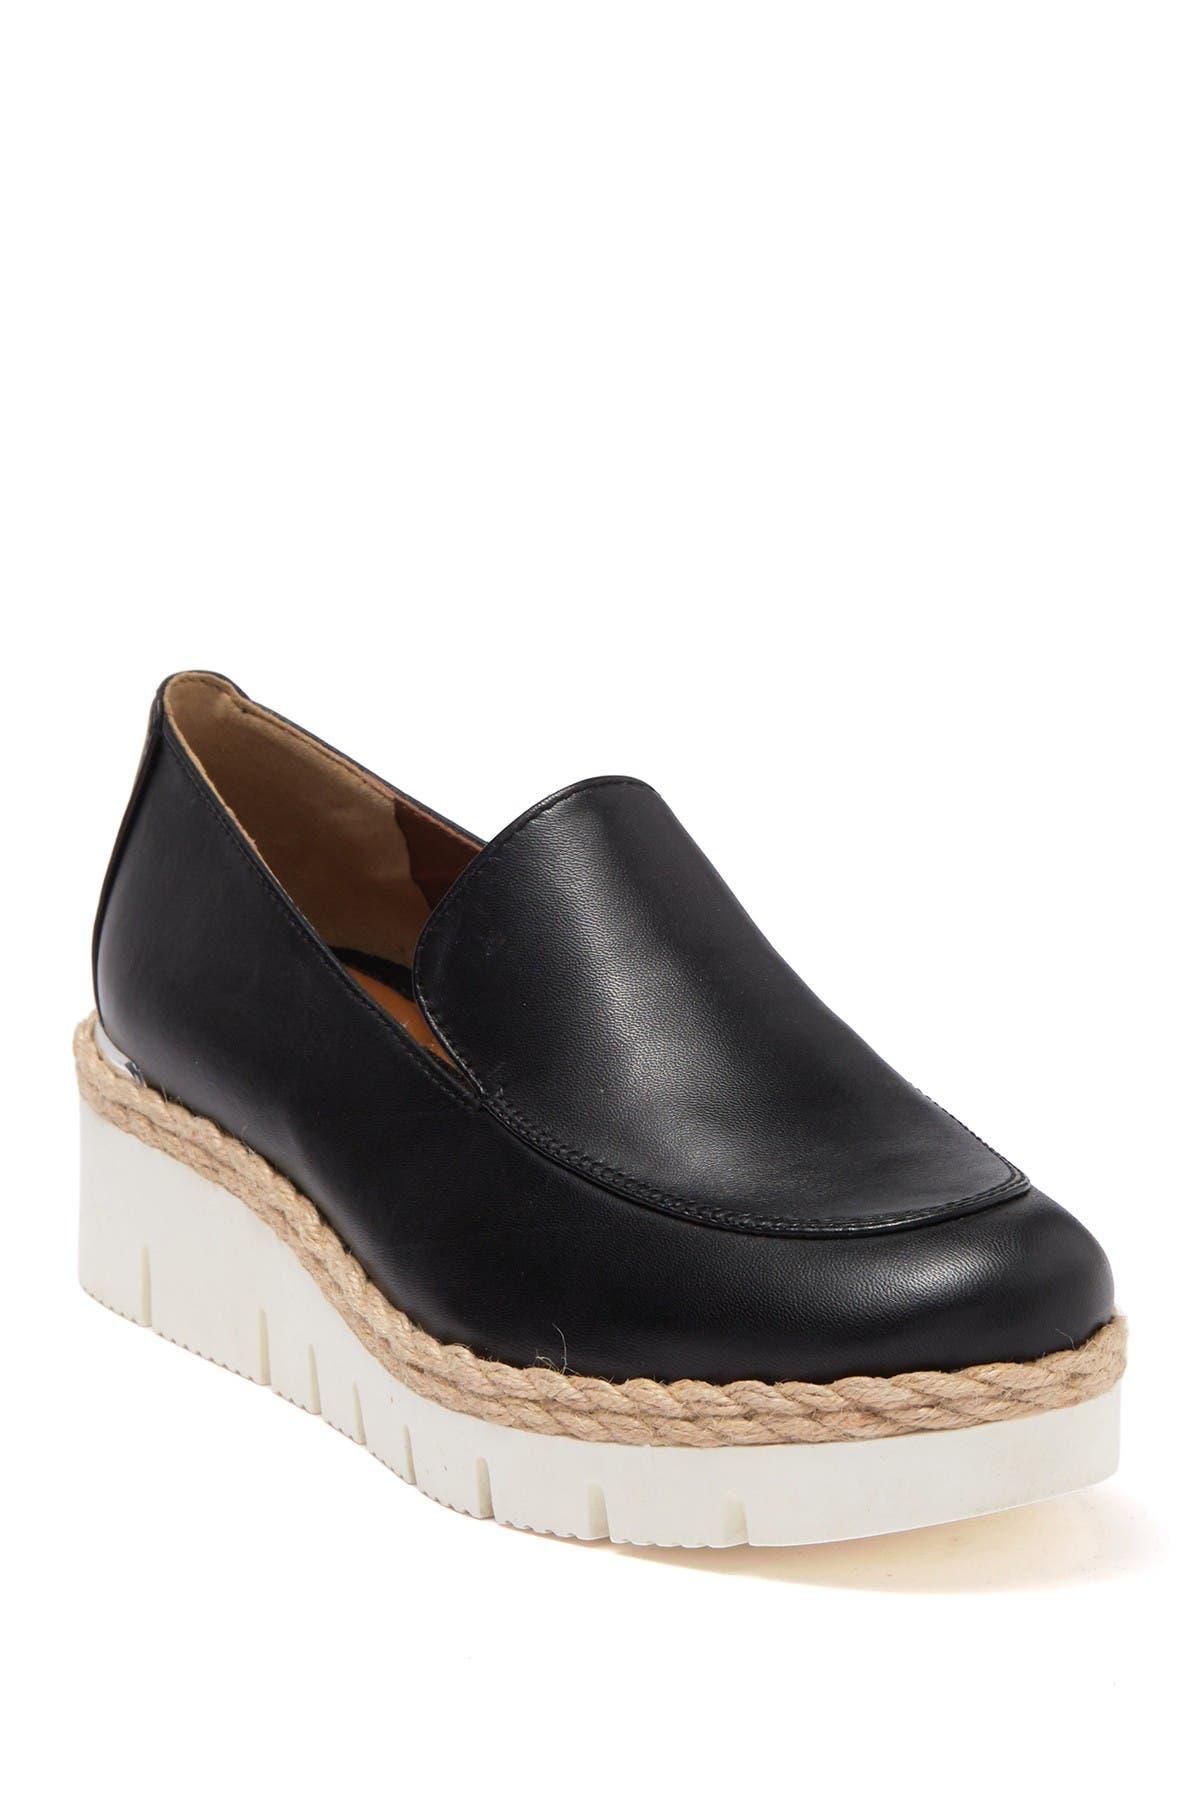 Franco Sarto | Sesame Platform Loafer